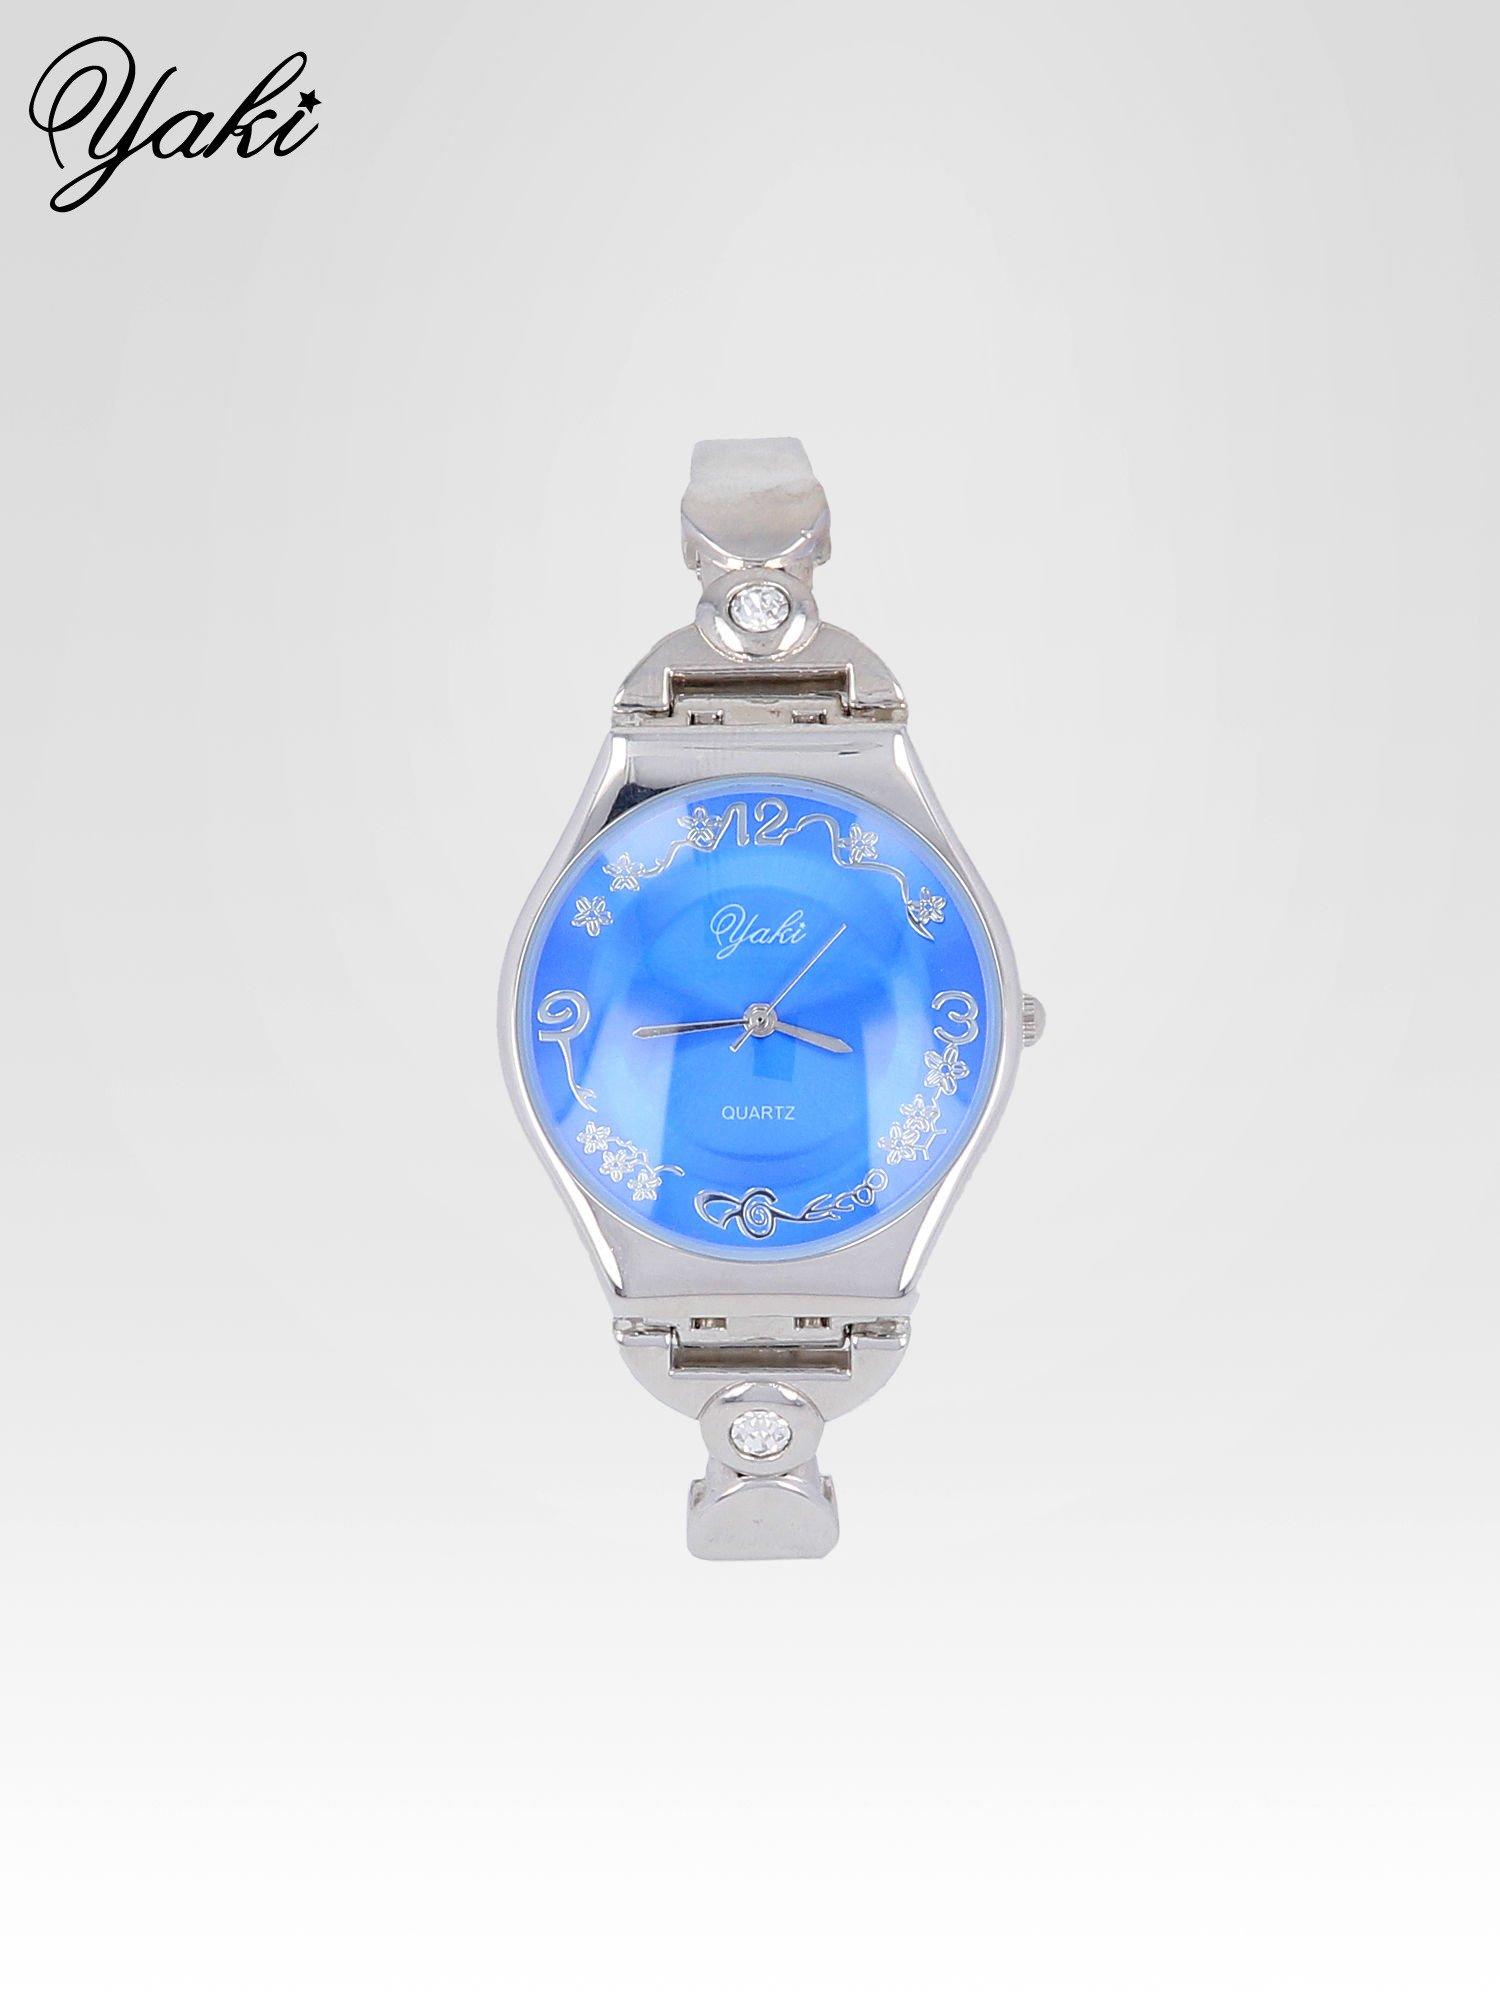 Srebrny biżuteryjny zegarek damski z niebieską tarczą                                  zdj.                                  1